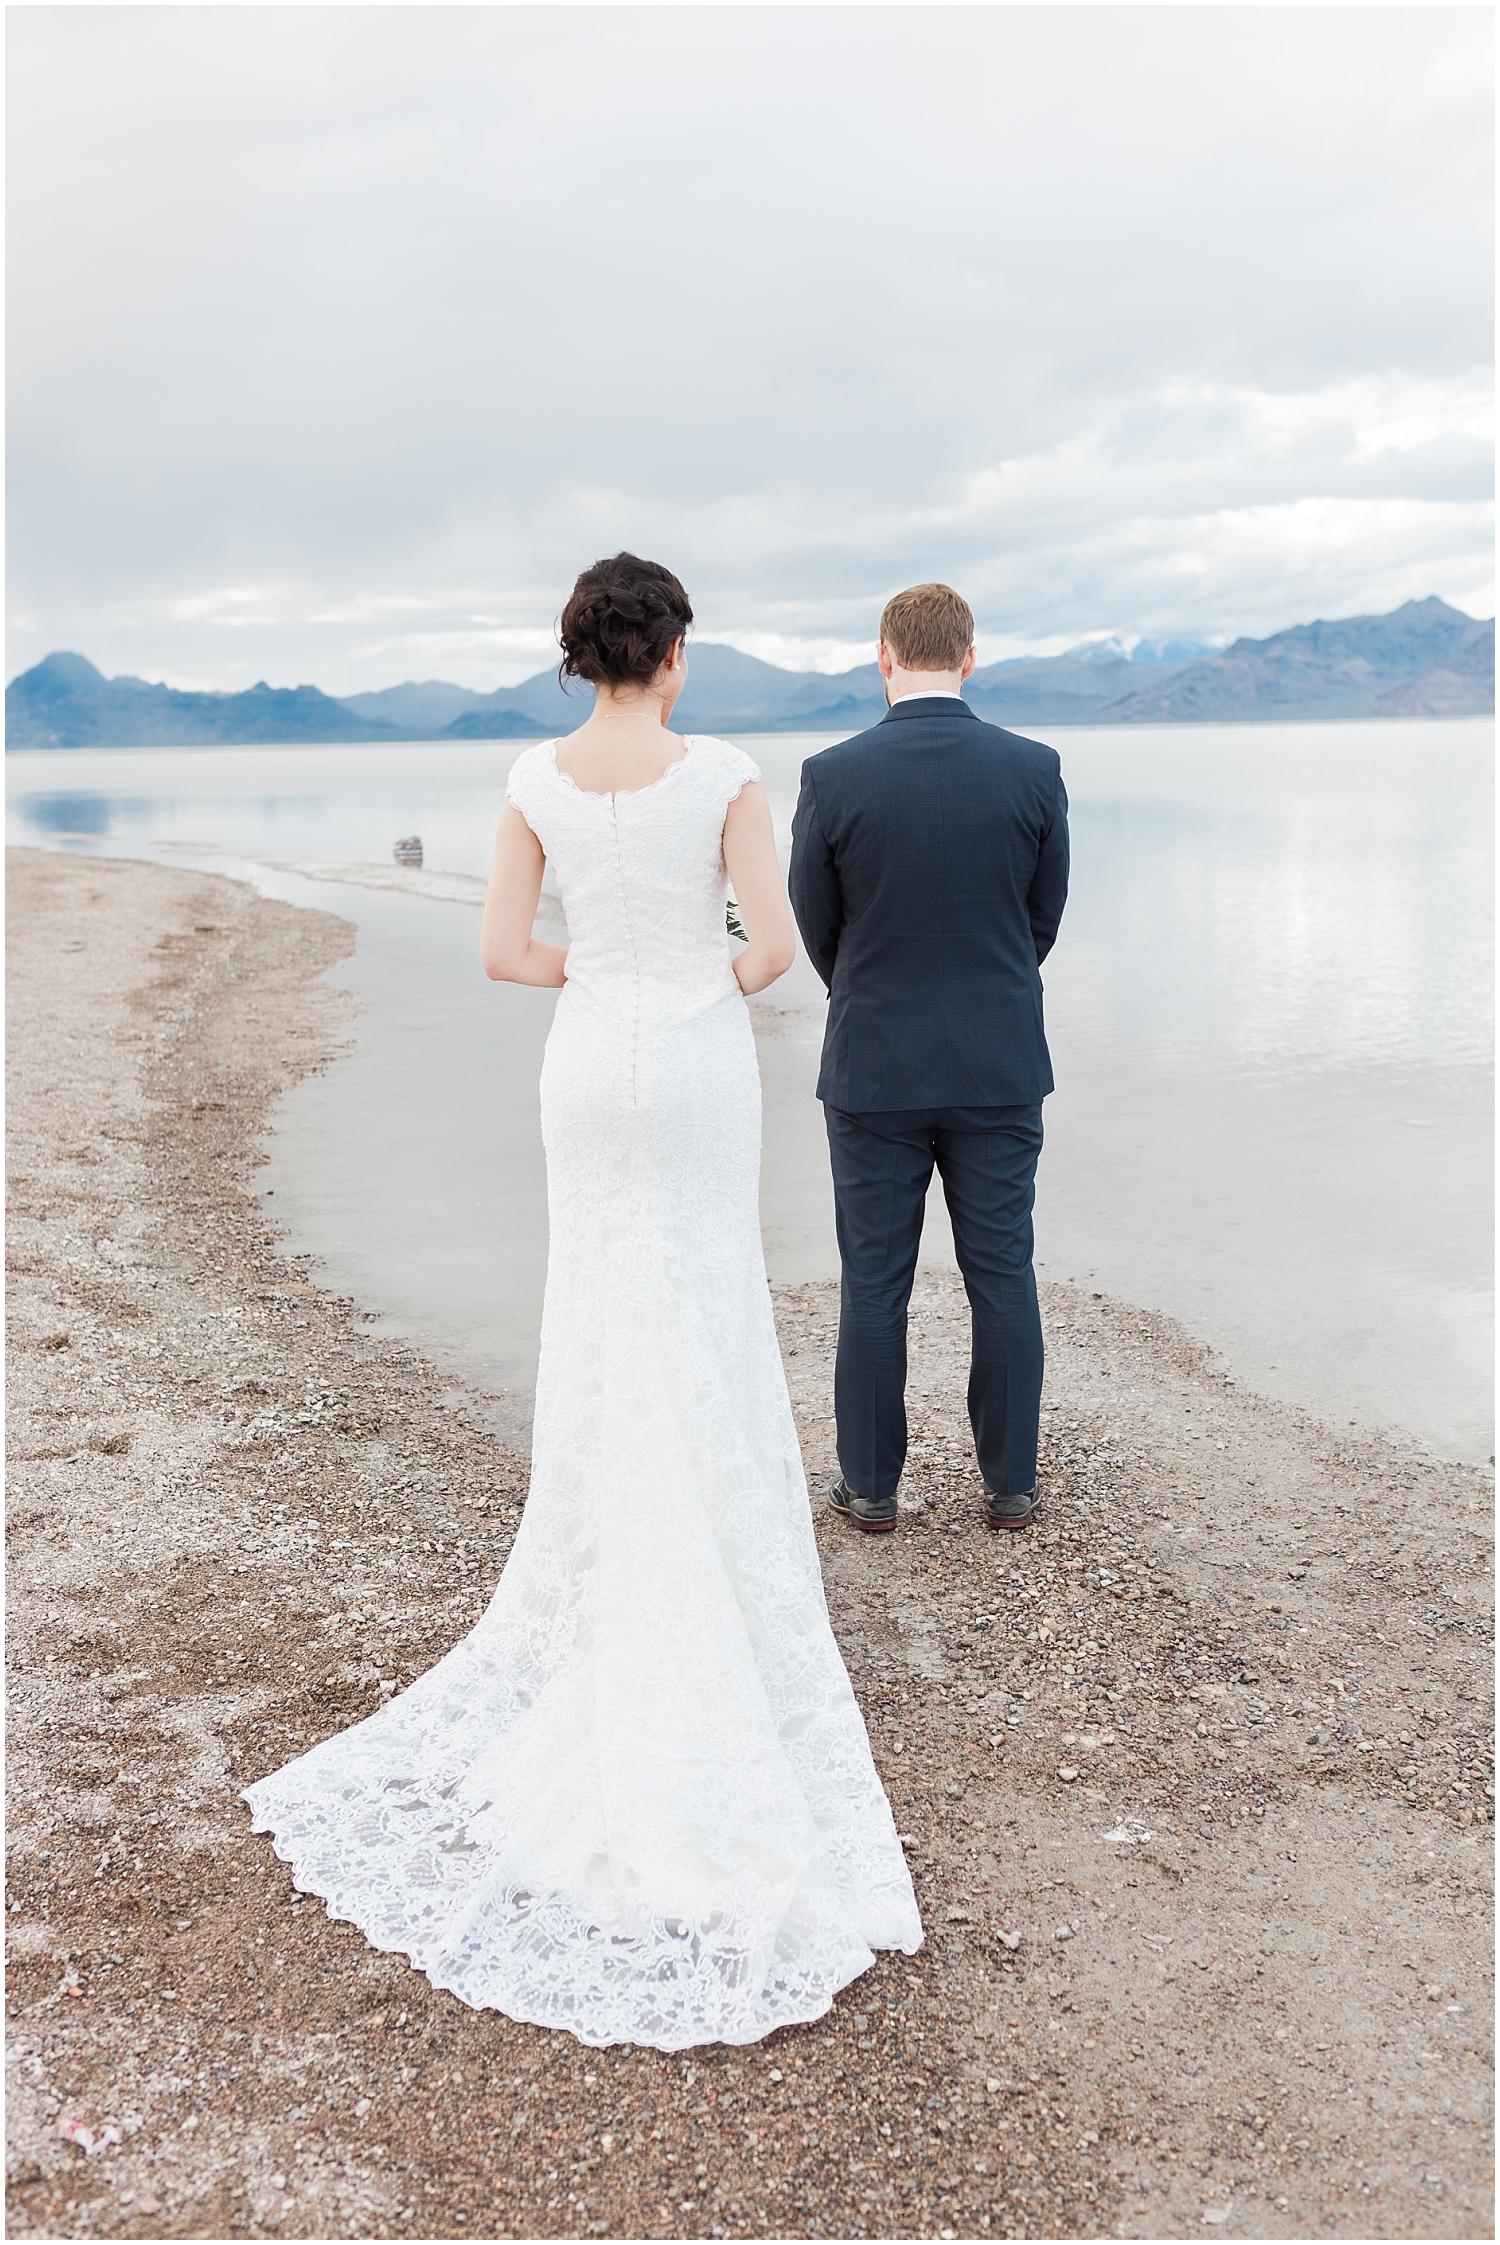 Bonneville Salt Flats Bridals-Ryan & Rachael-Rachel Reyes Photography_0134.jpg